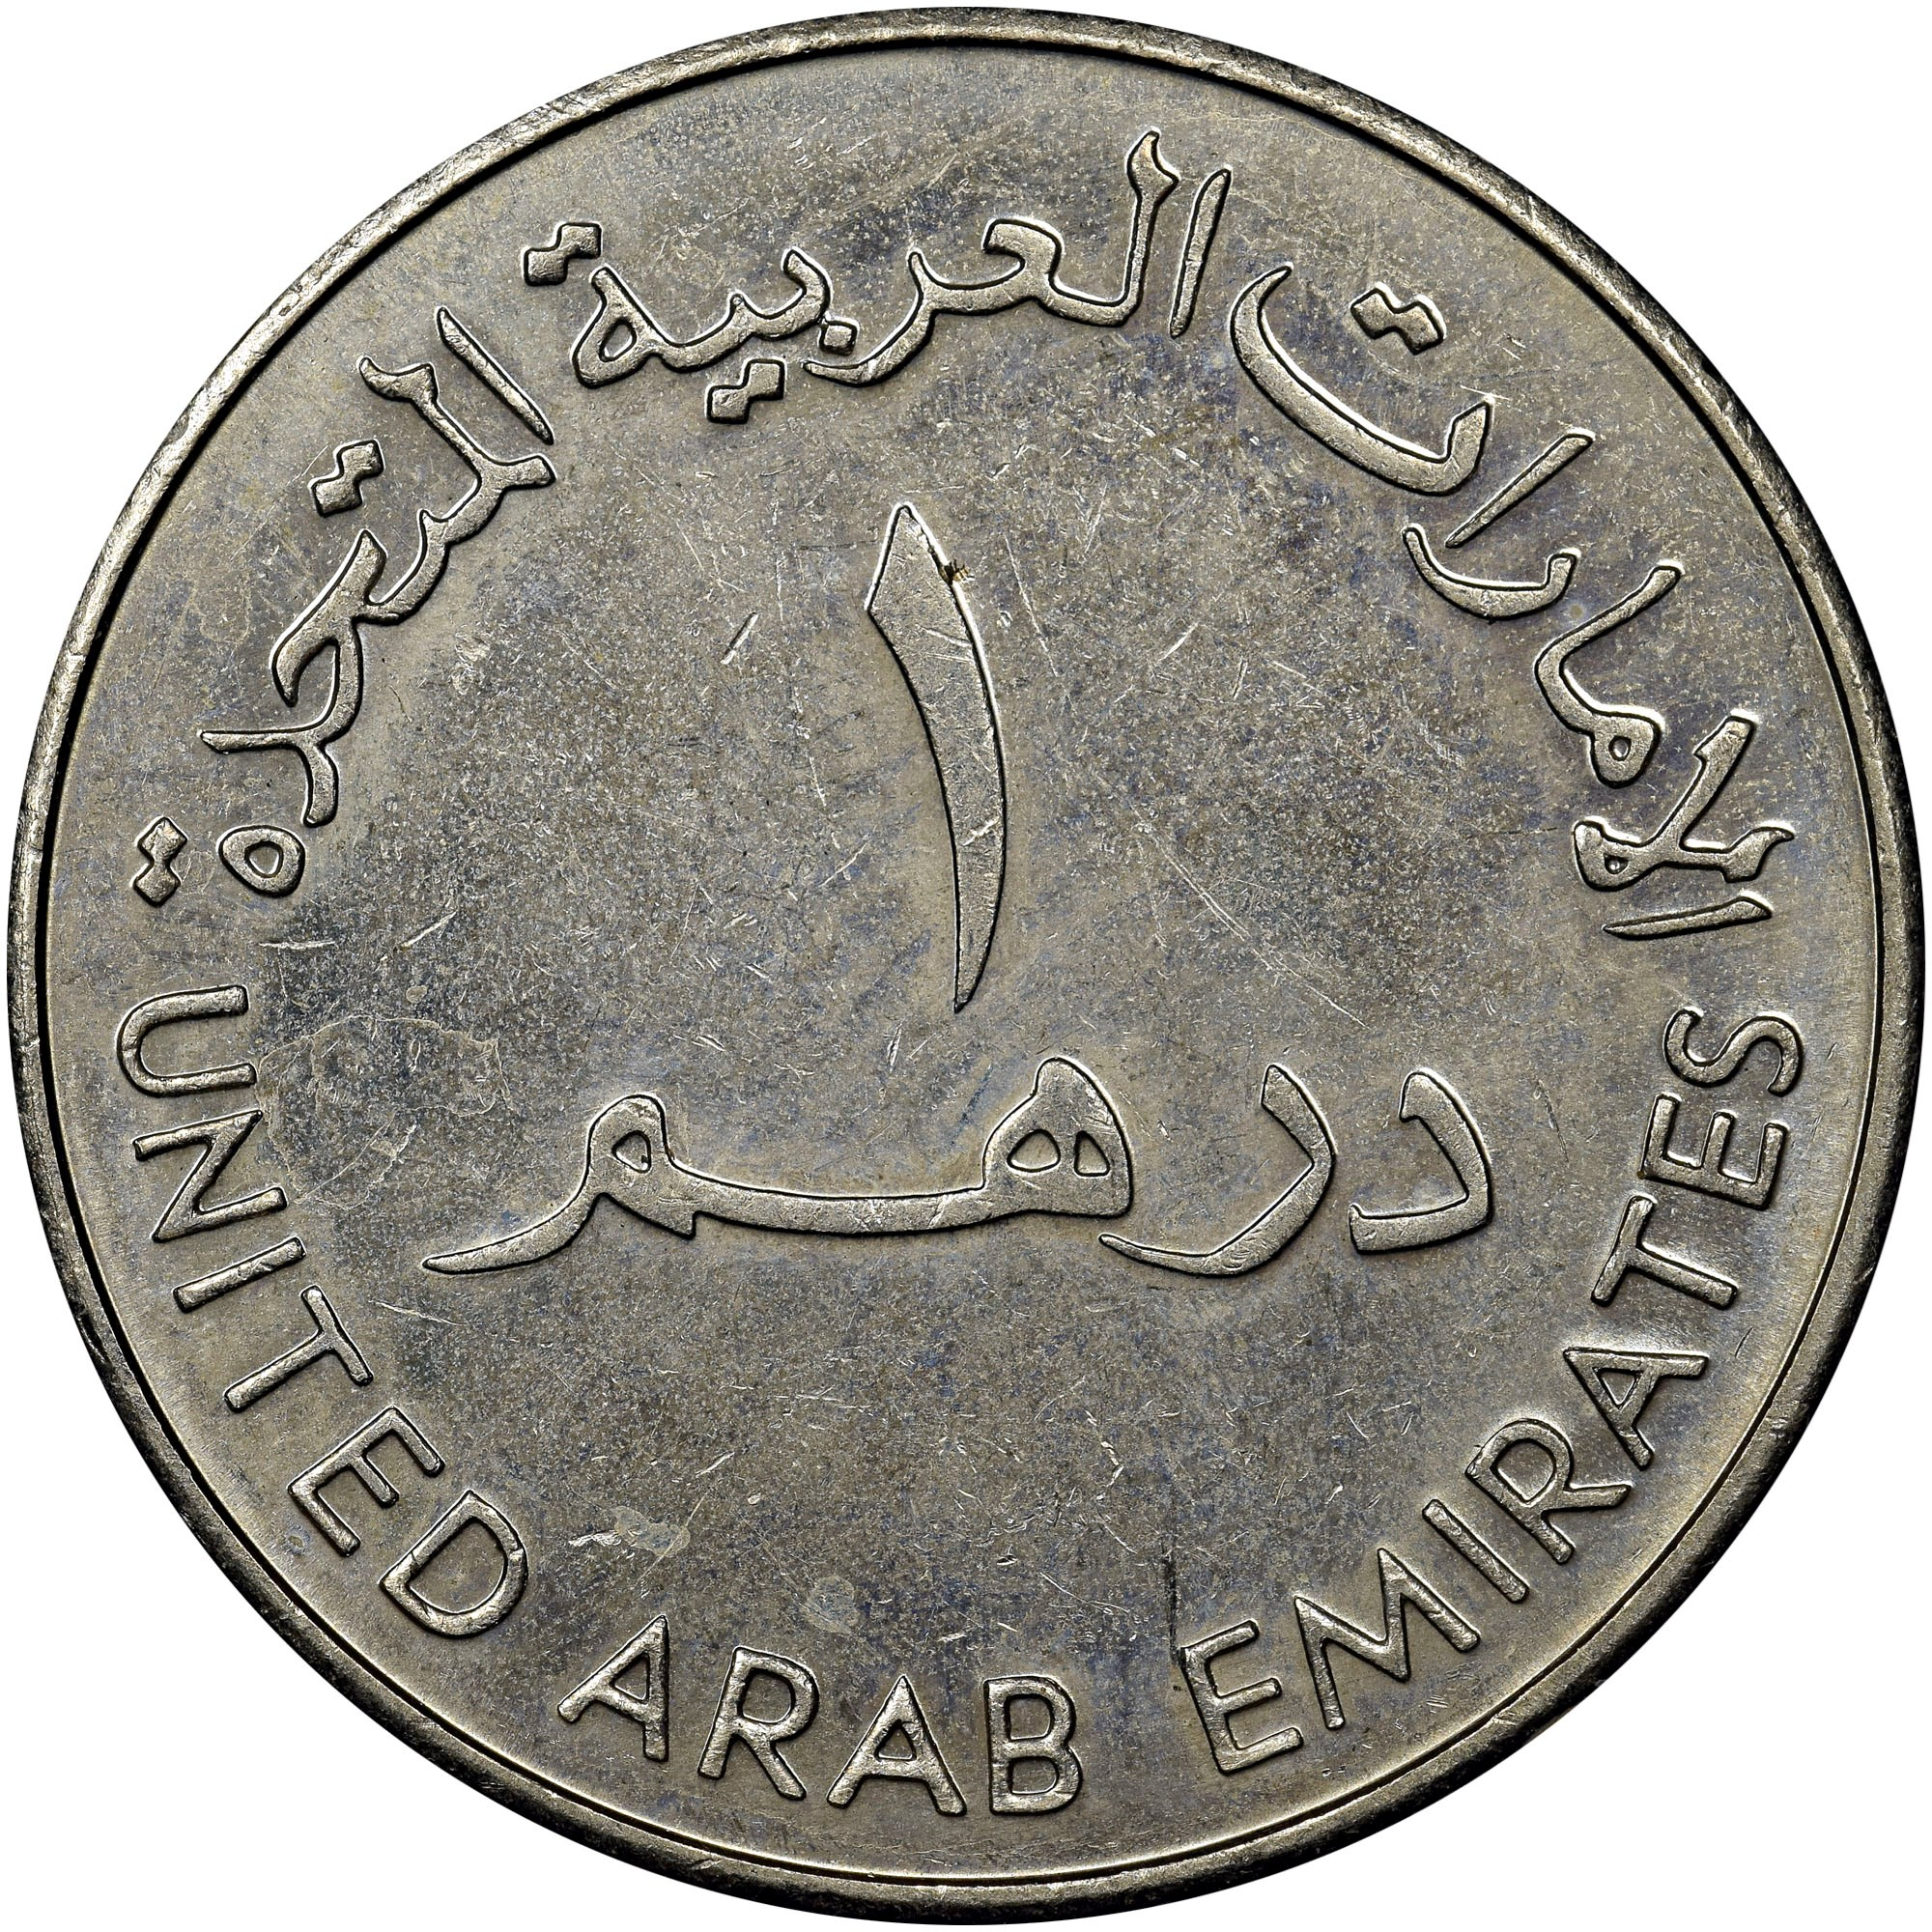 United Arab Emirates Dirham KM 6.1 Prices & Values | NGC